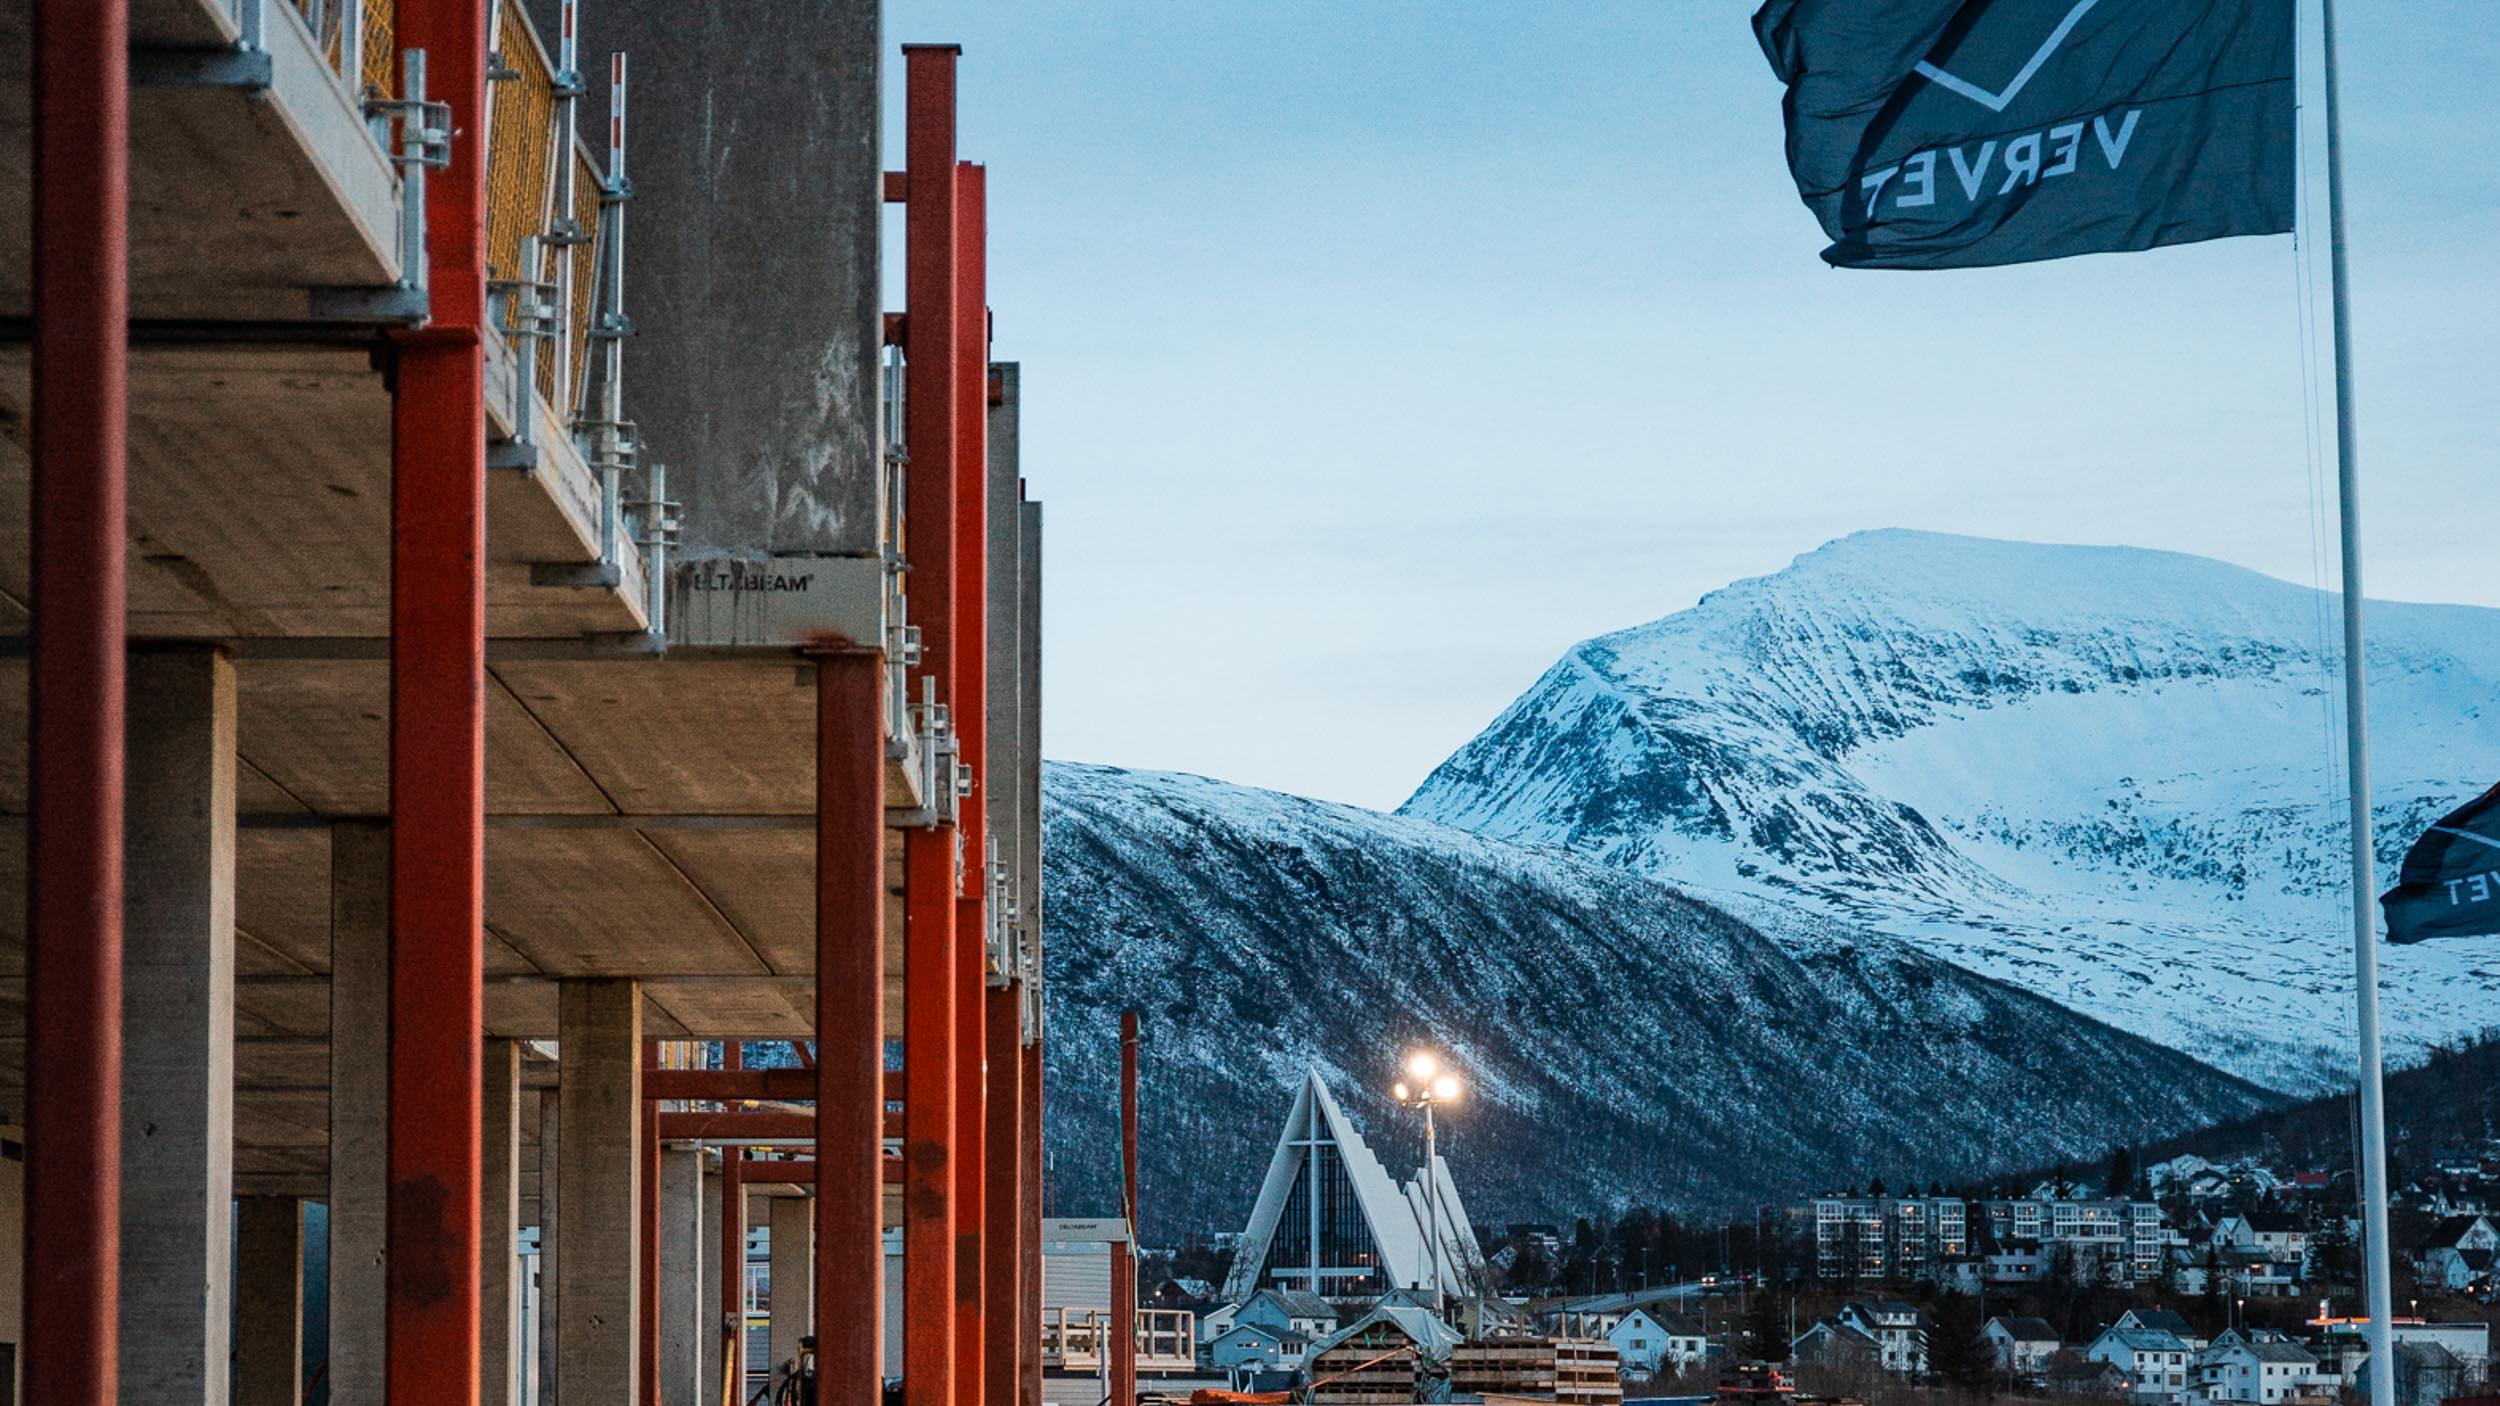 Tromsøbrua, Ishavskatedralen og Vervet bydel i forgrunnen